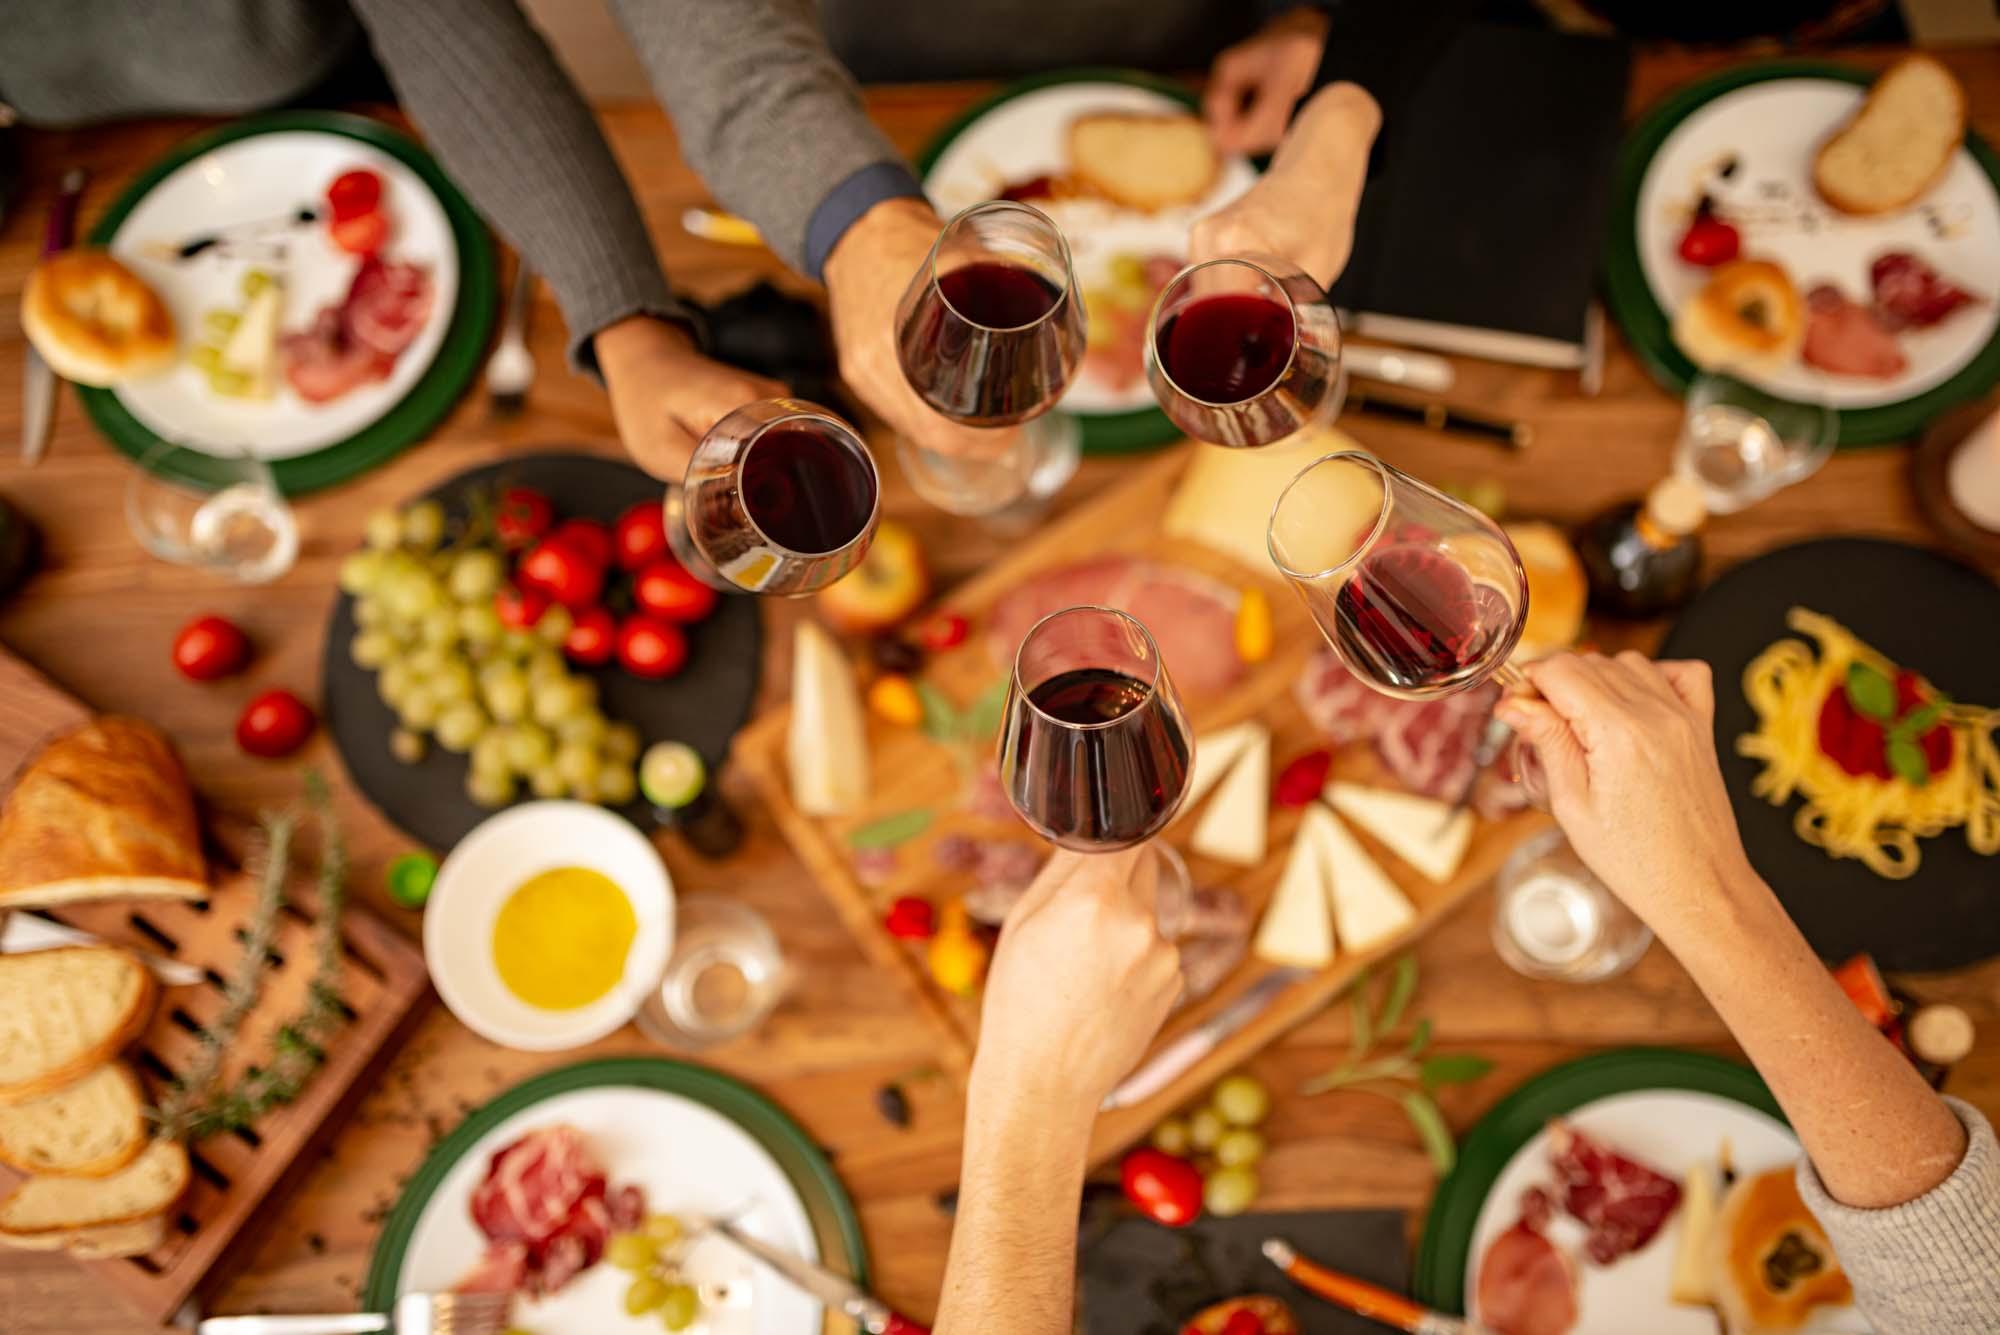 Corsi Di Cucina Cene Aziendali a Bologna